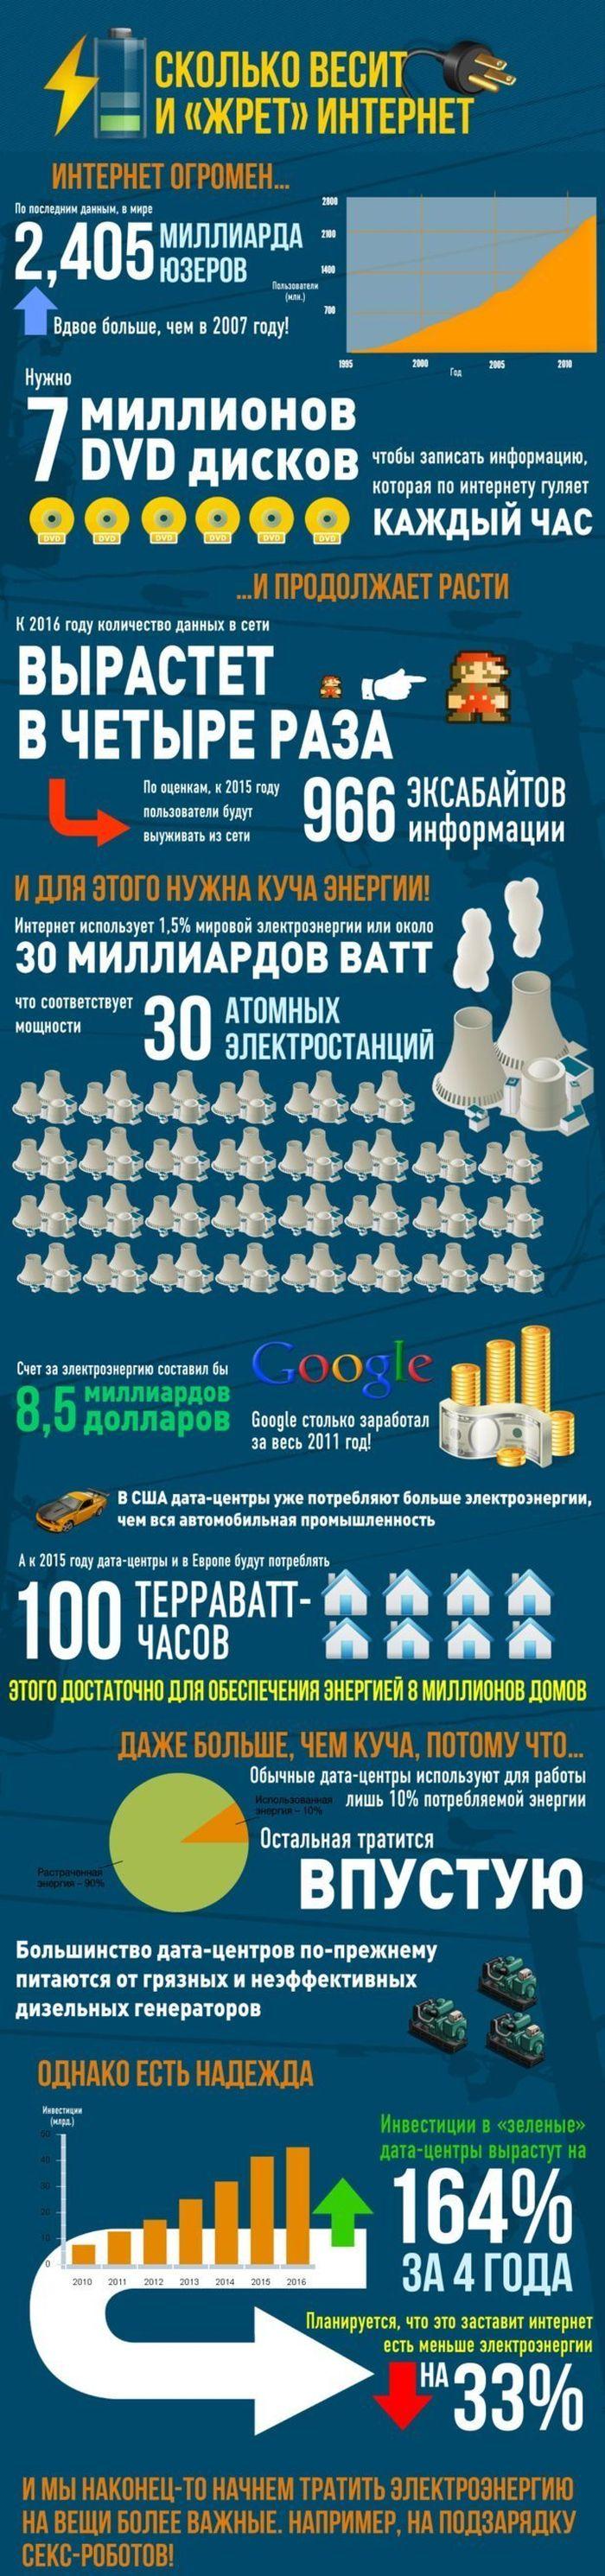 Какой объем информации хранится во всем интернете (1 картинка)